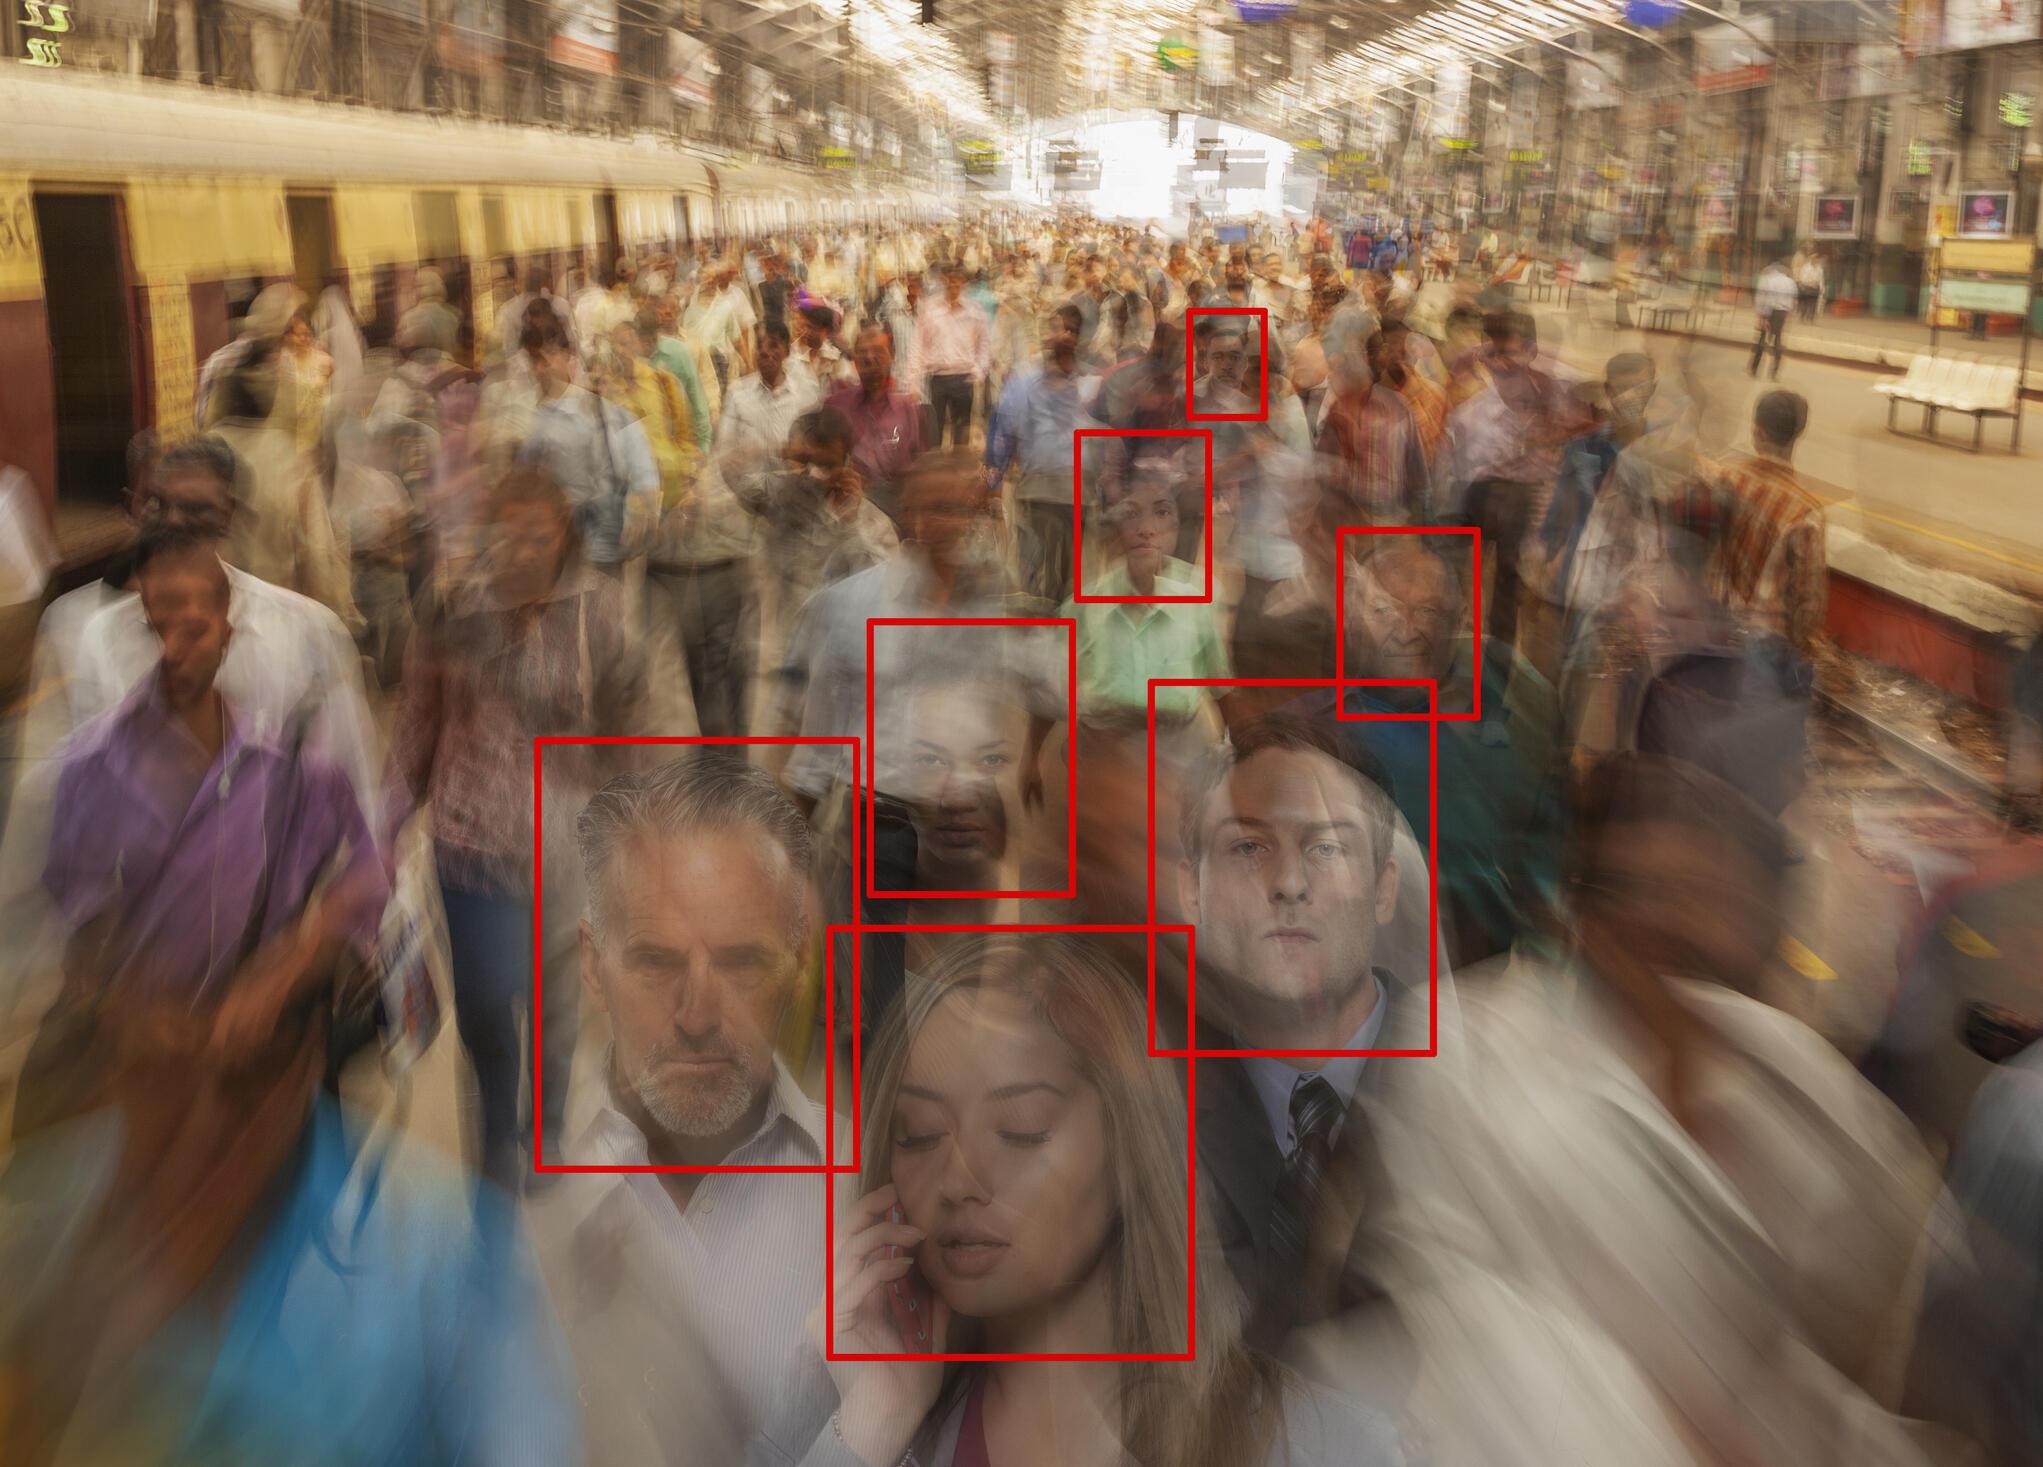 De nombreux lieux de notre vie quotidienne sont scrutés en permanence par des dispositifs sécuritaires basés sur la reconnaissance faciale. (Photo d'illustration)